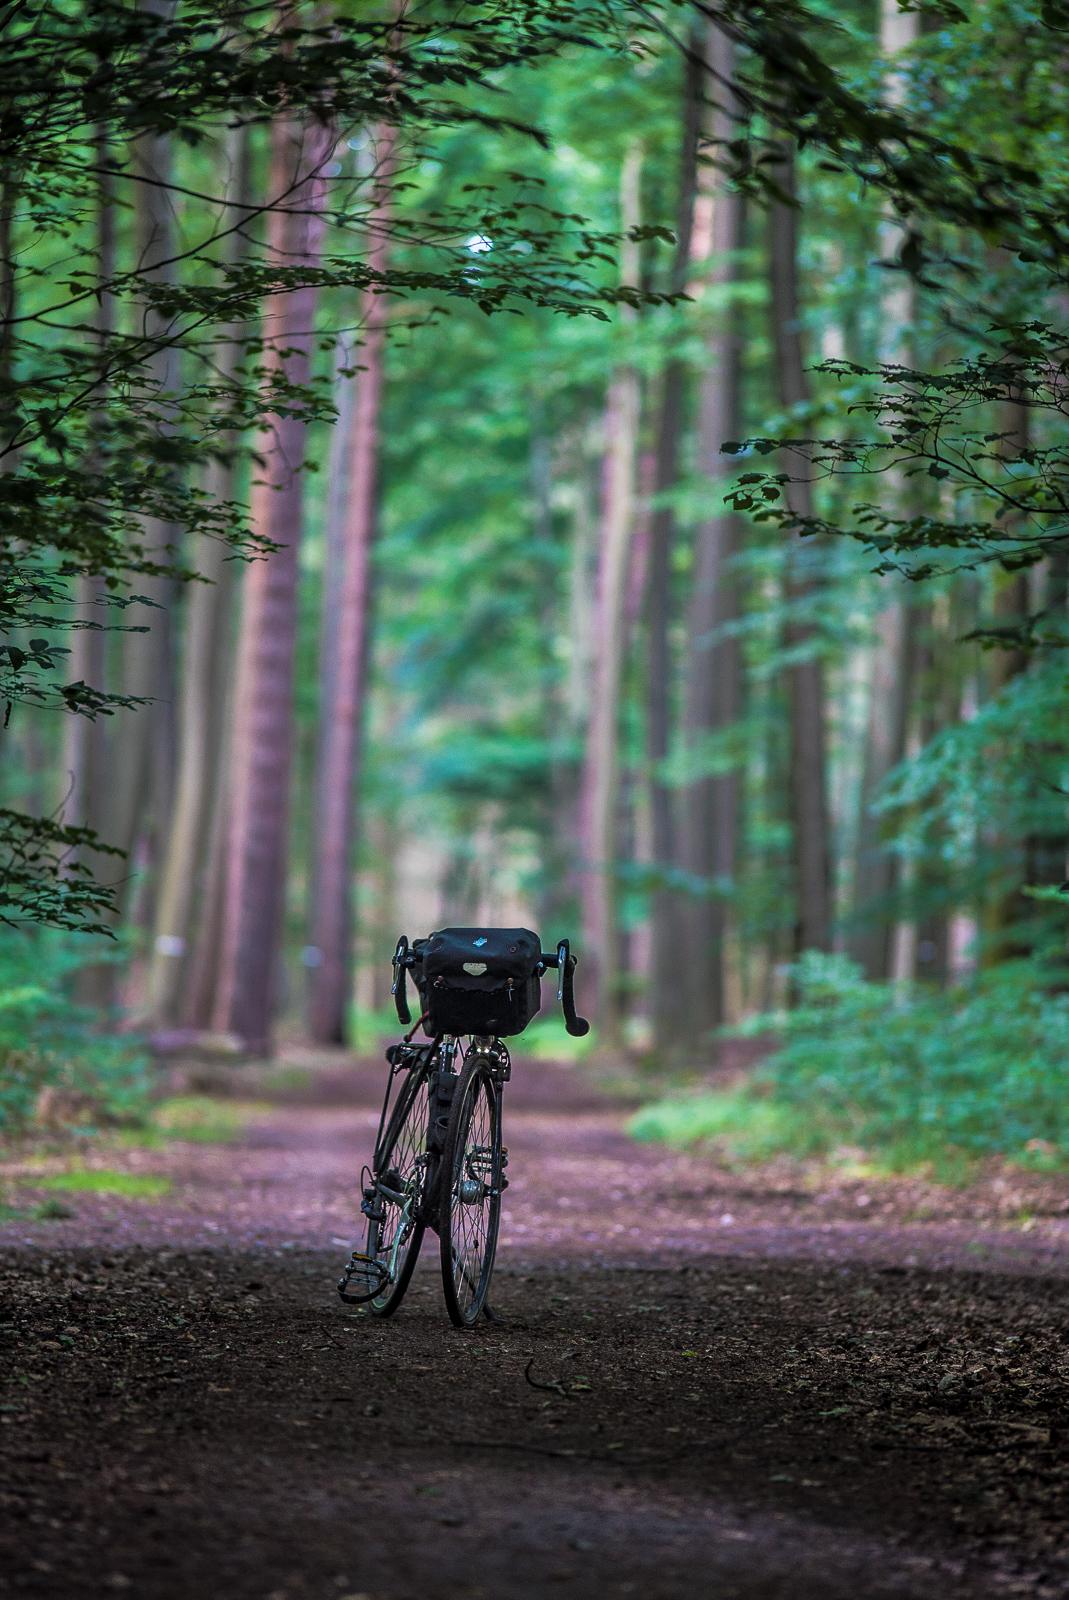 Fahrrad frontal auf einem dunklen Waldweg